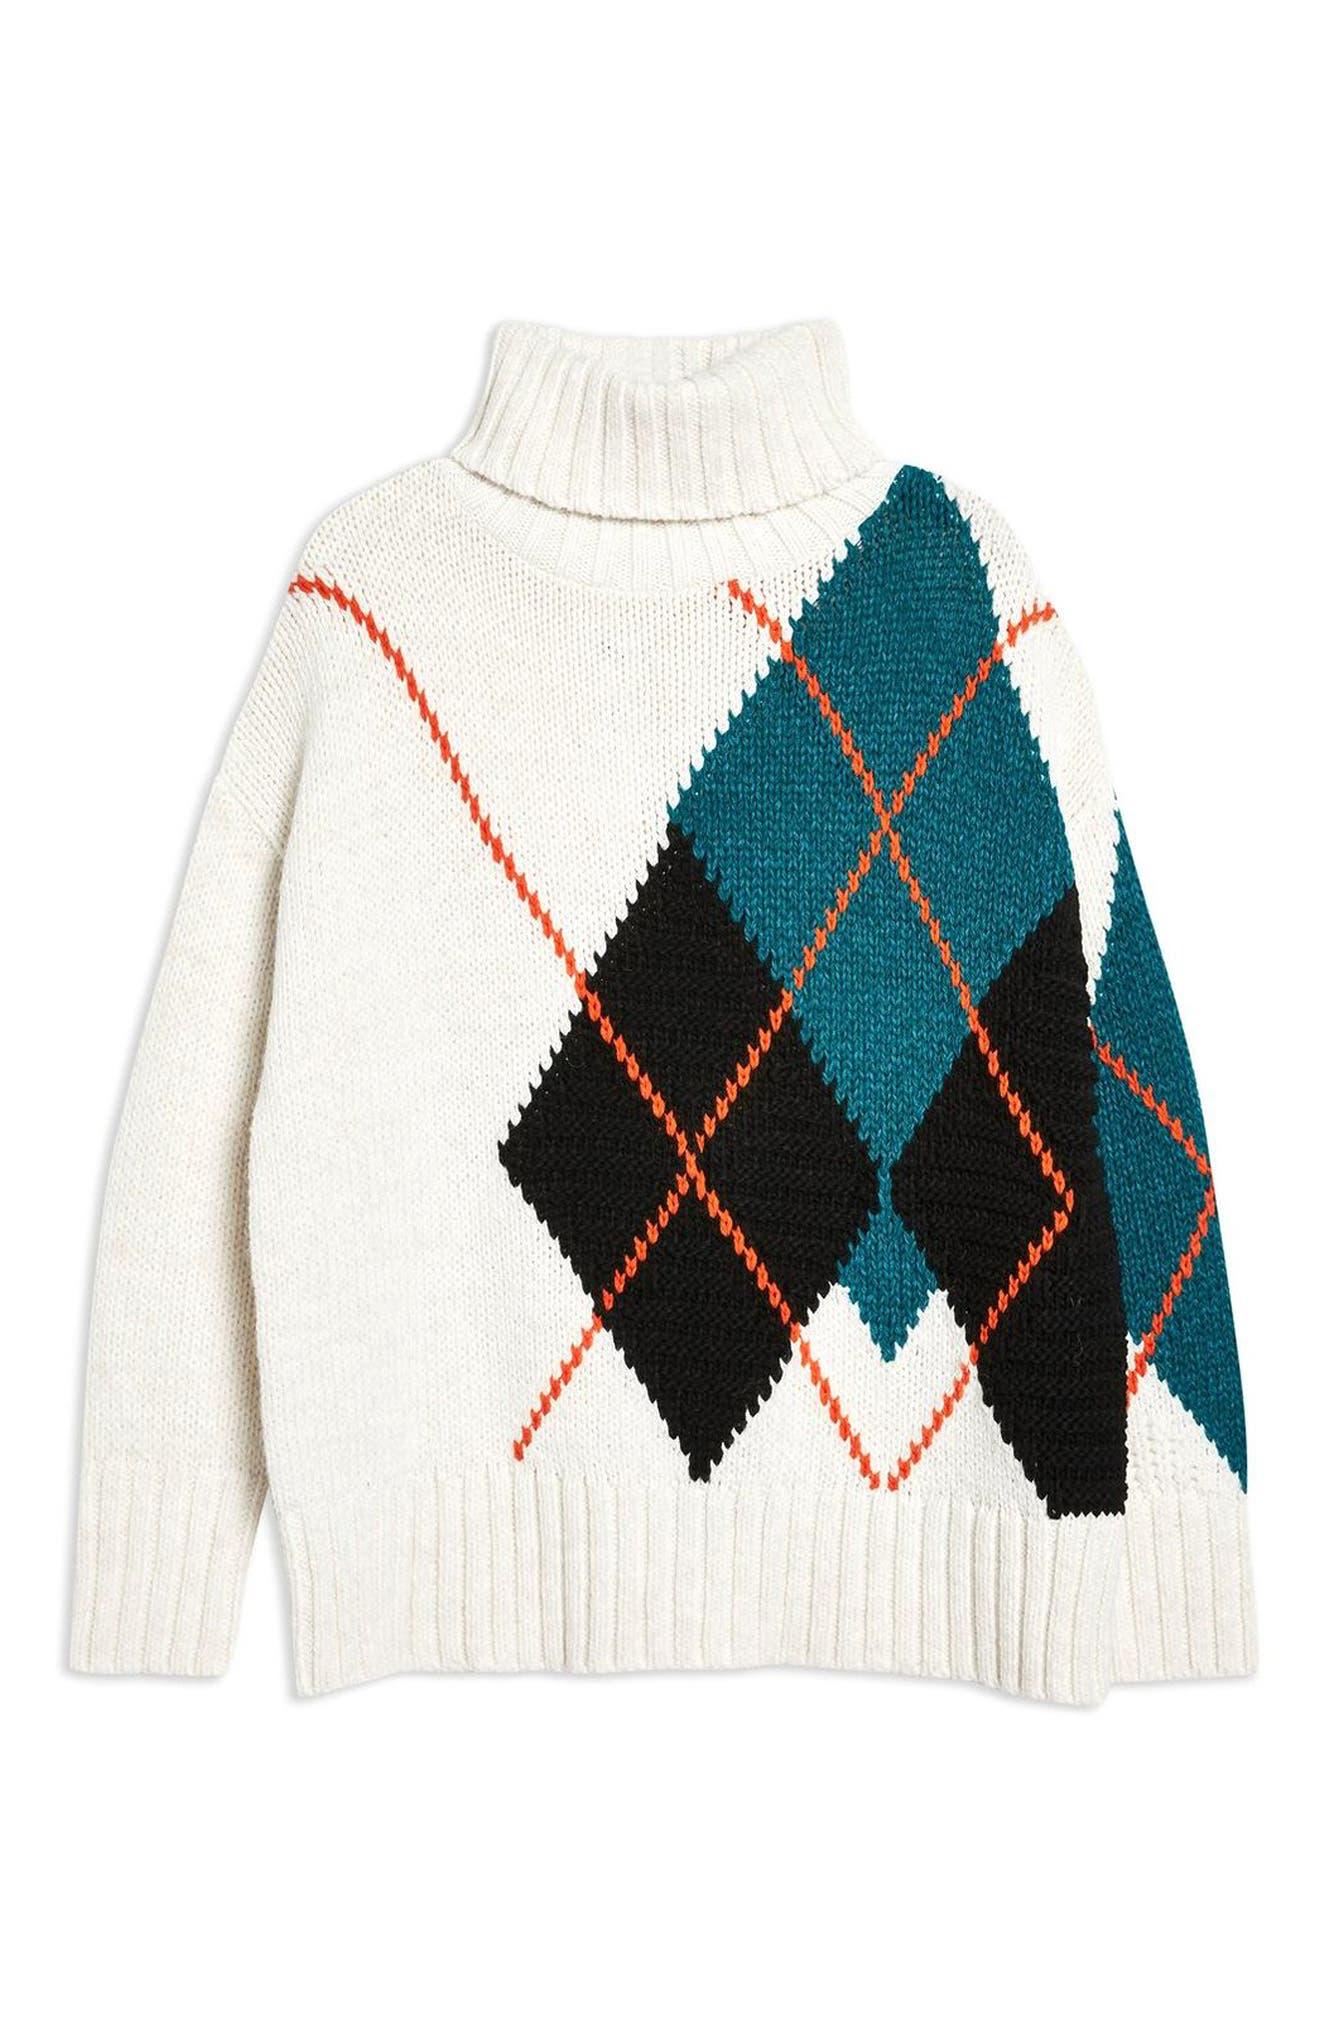 Oversized Argyle Turtleneck Sweater,                             Alternate thumbnail 4, color,                             IVORY MULTI